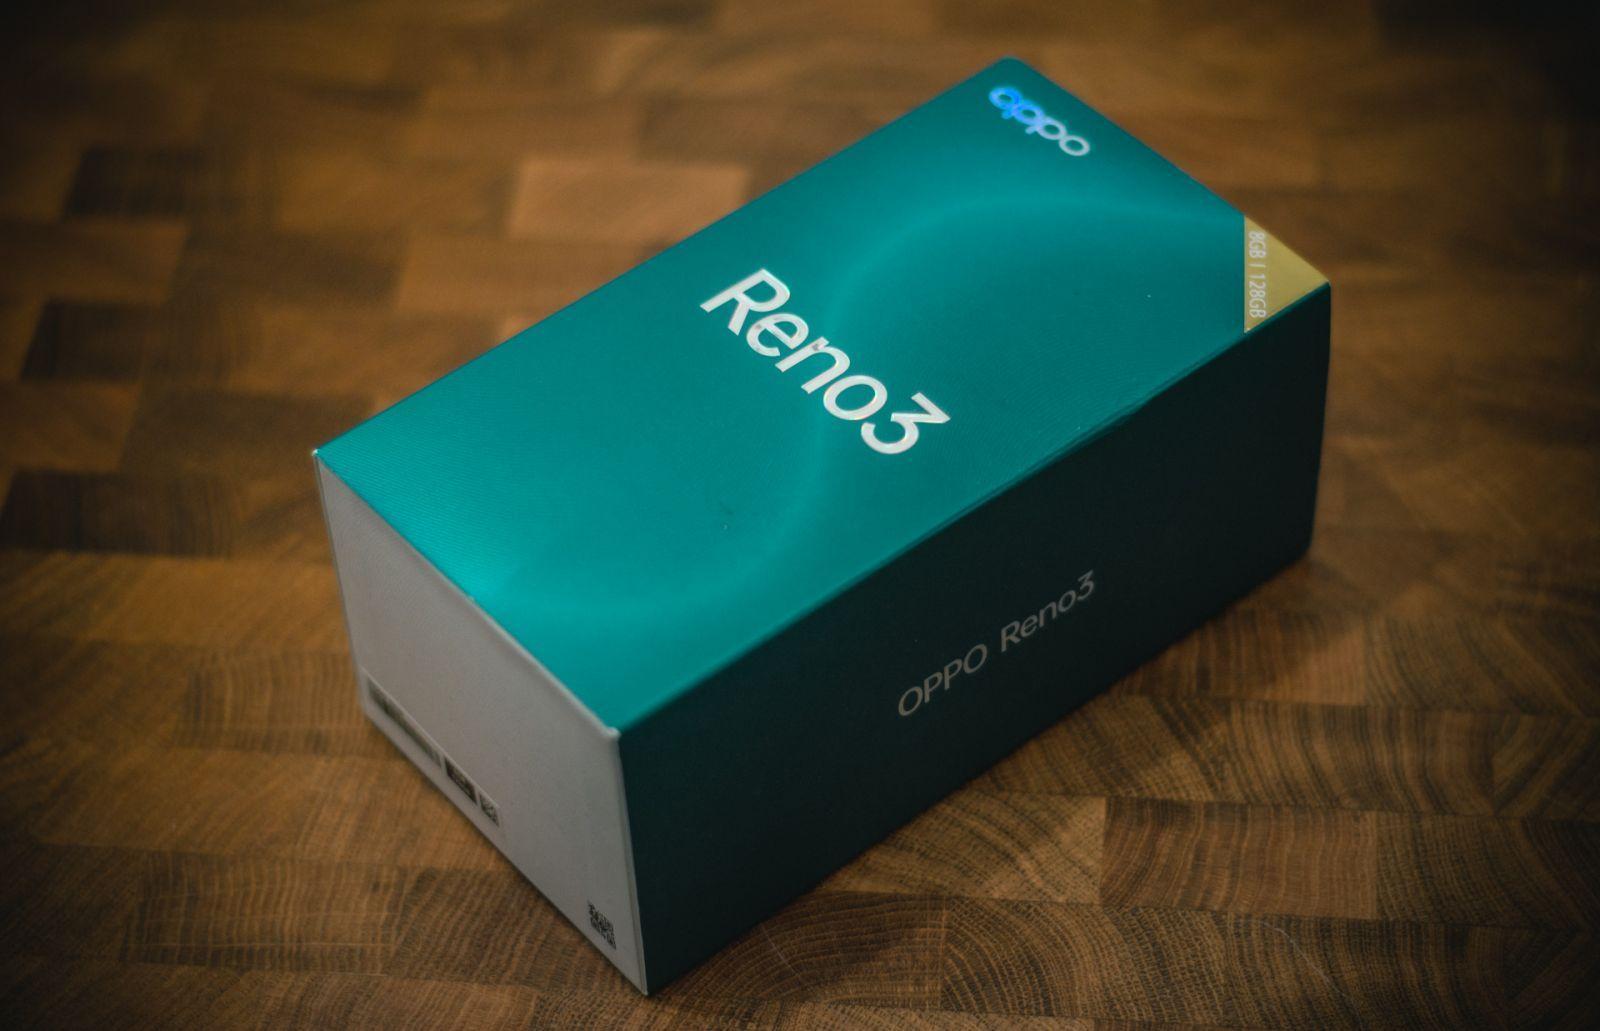 Доступный и красивый. Обзор cмартфона Oppo Reno3 (dsc 8776)